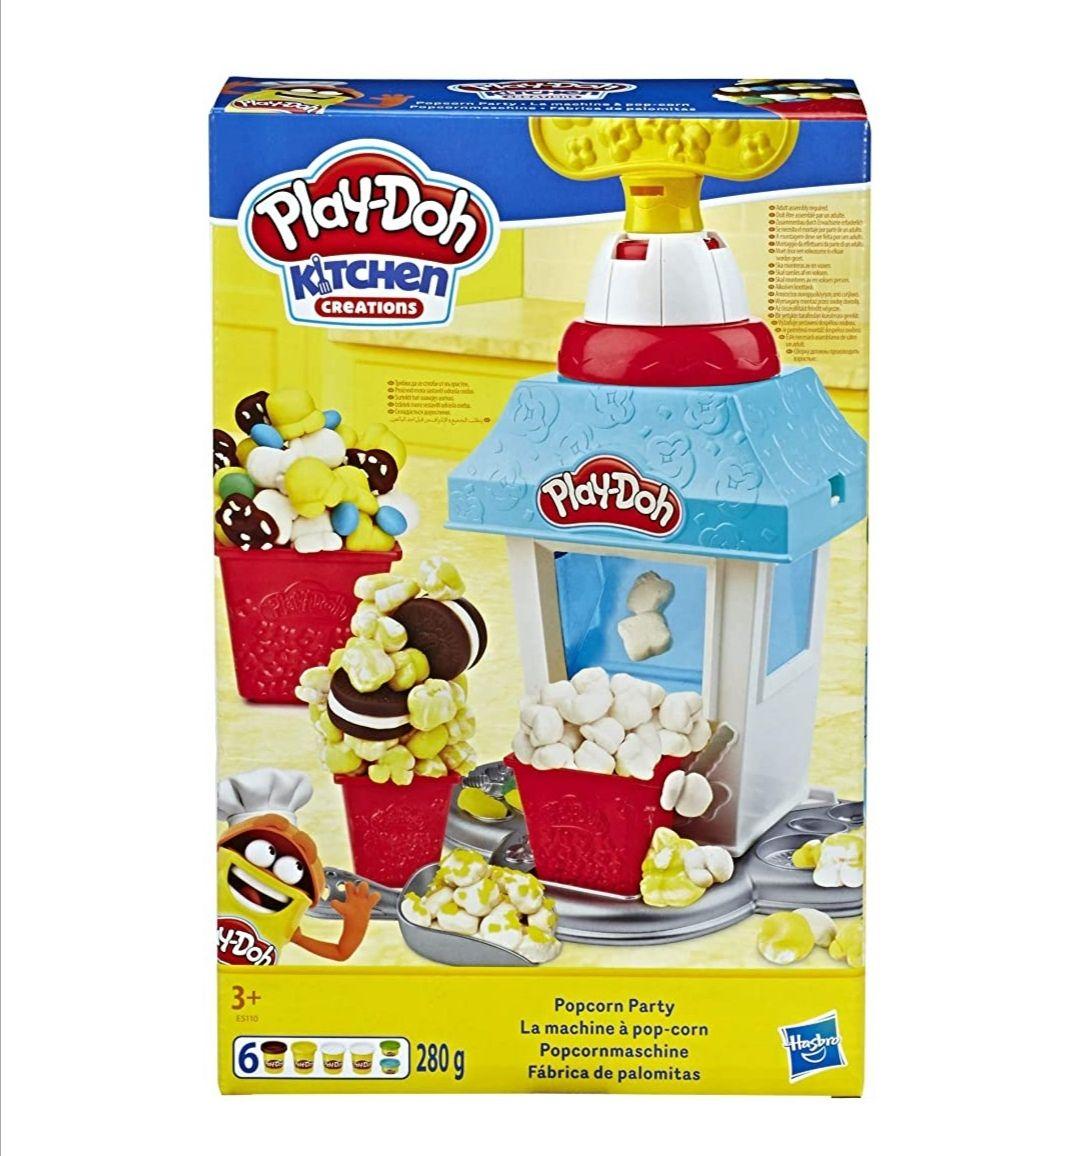 PLAY DOH TIJDELIJKE DEALS! O.a. Popcorn Party nu voor €9.96 Meer in de beschrijving!